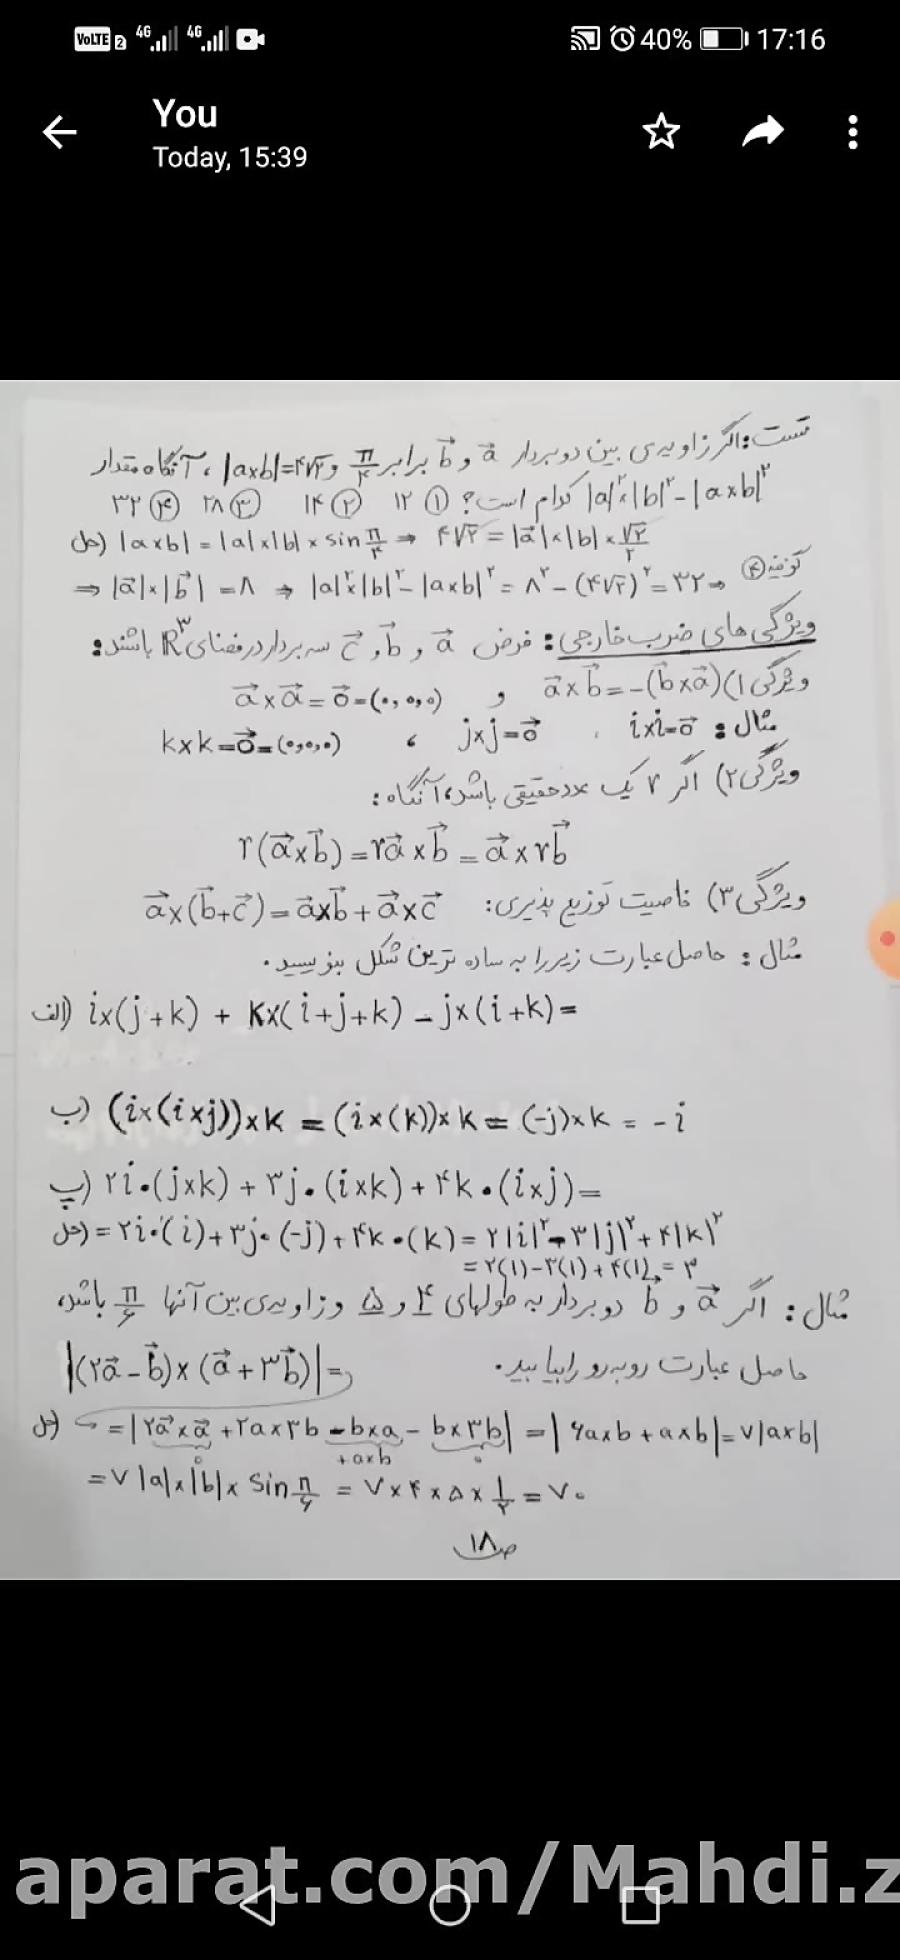 درس دوم از فصل3 هندسه3 (قسمت 4)